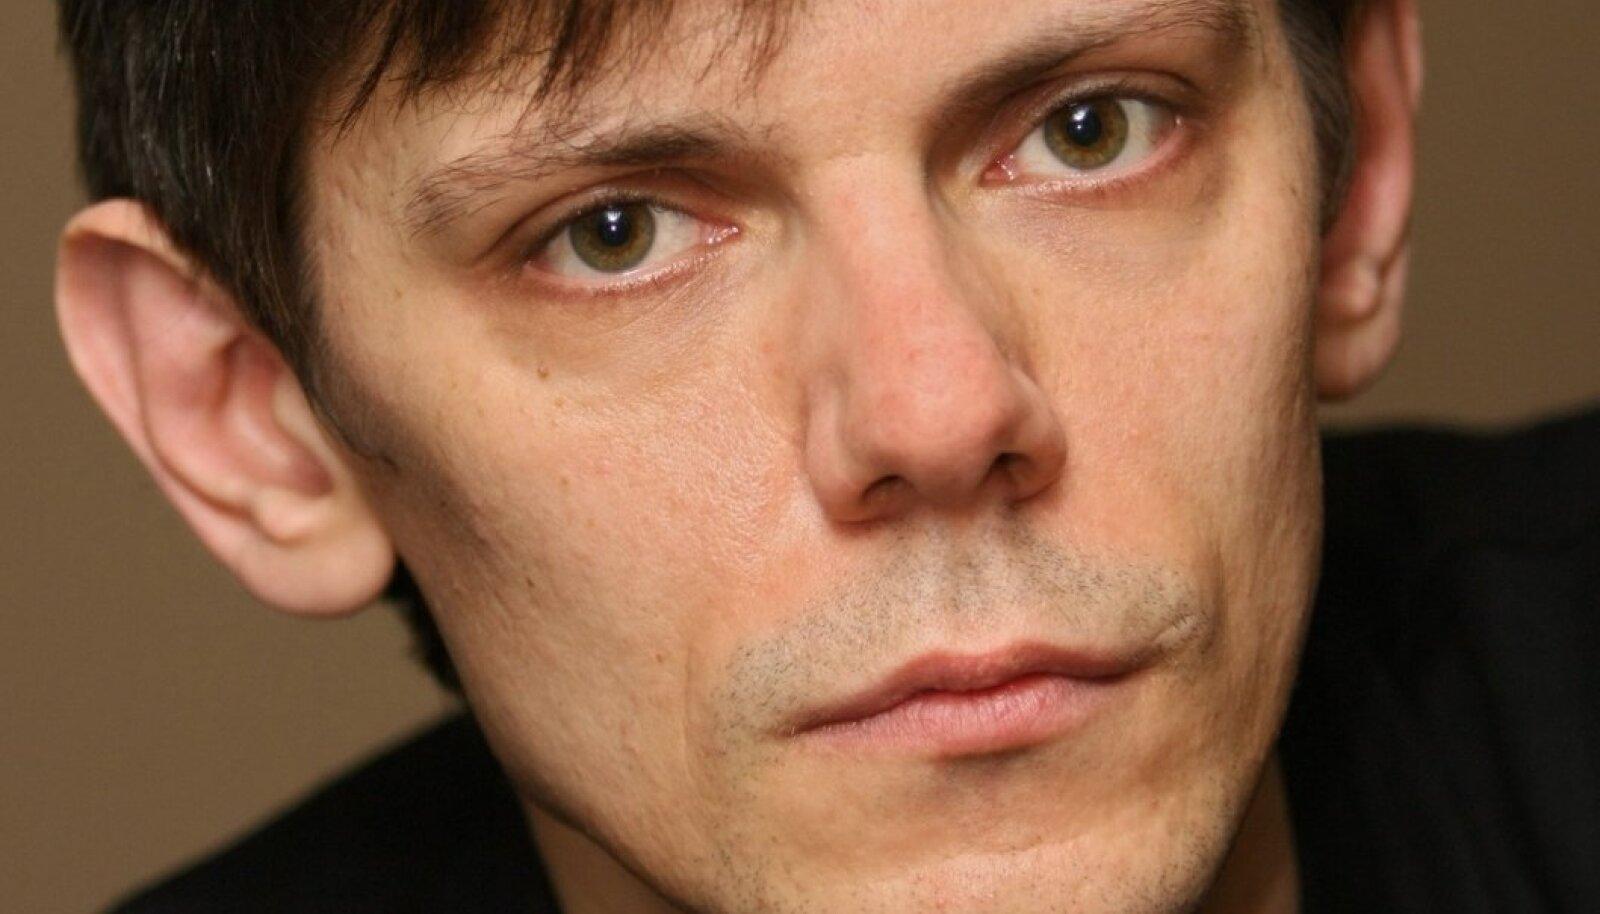 Anton Aleksejev